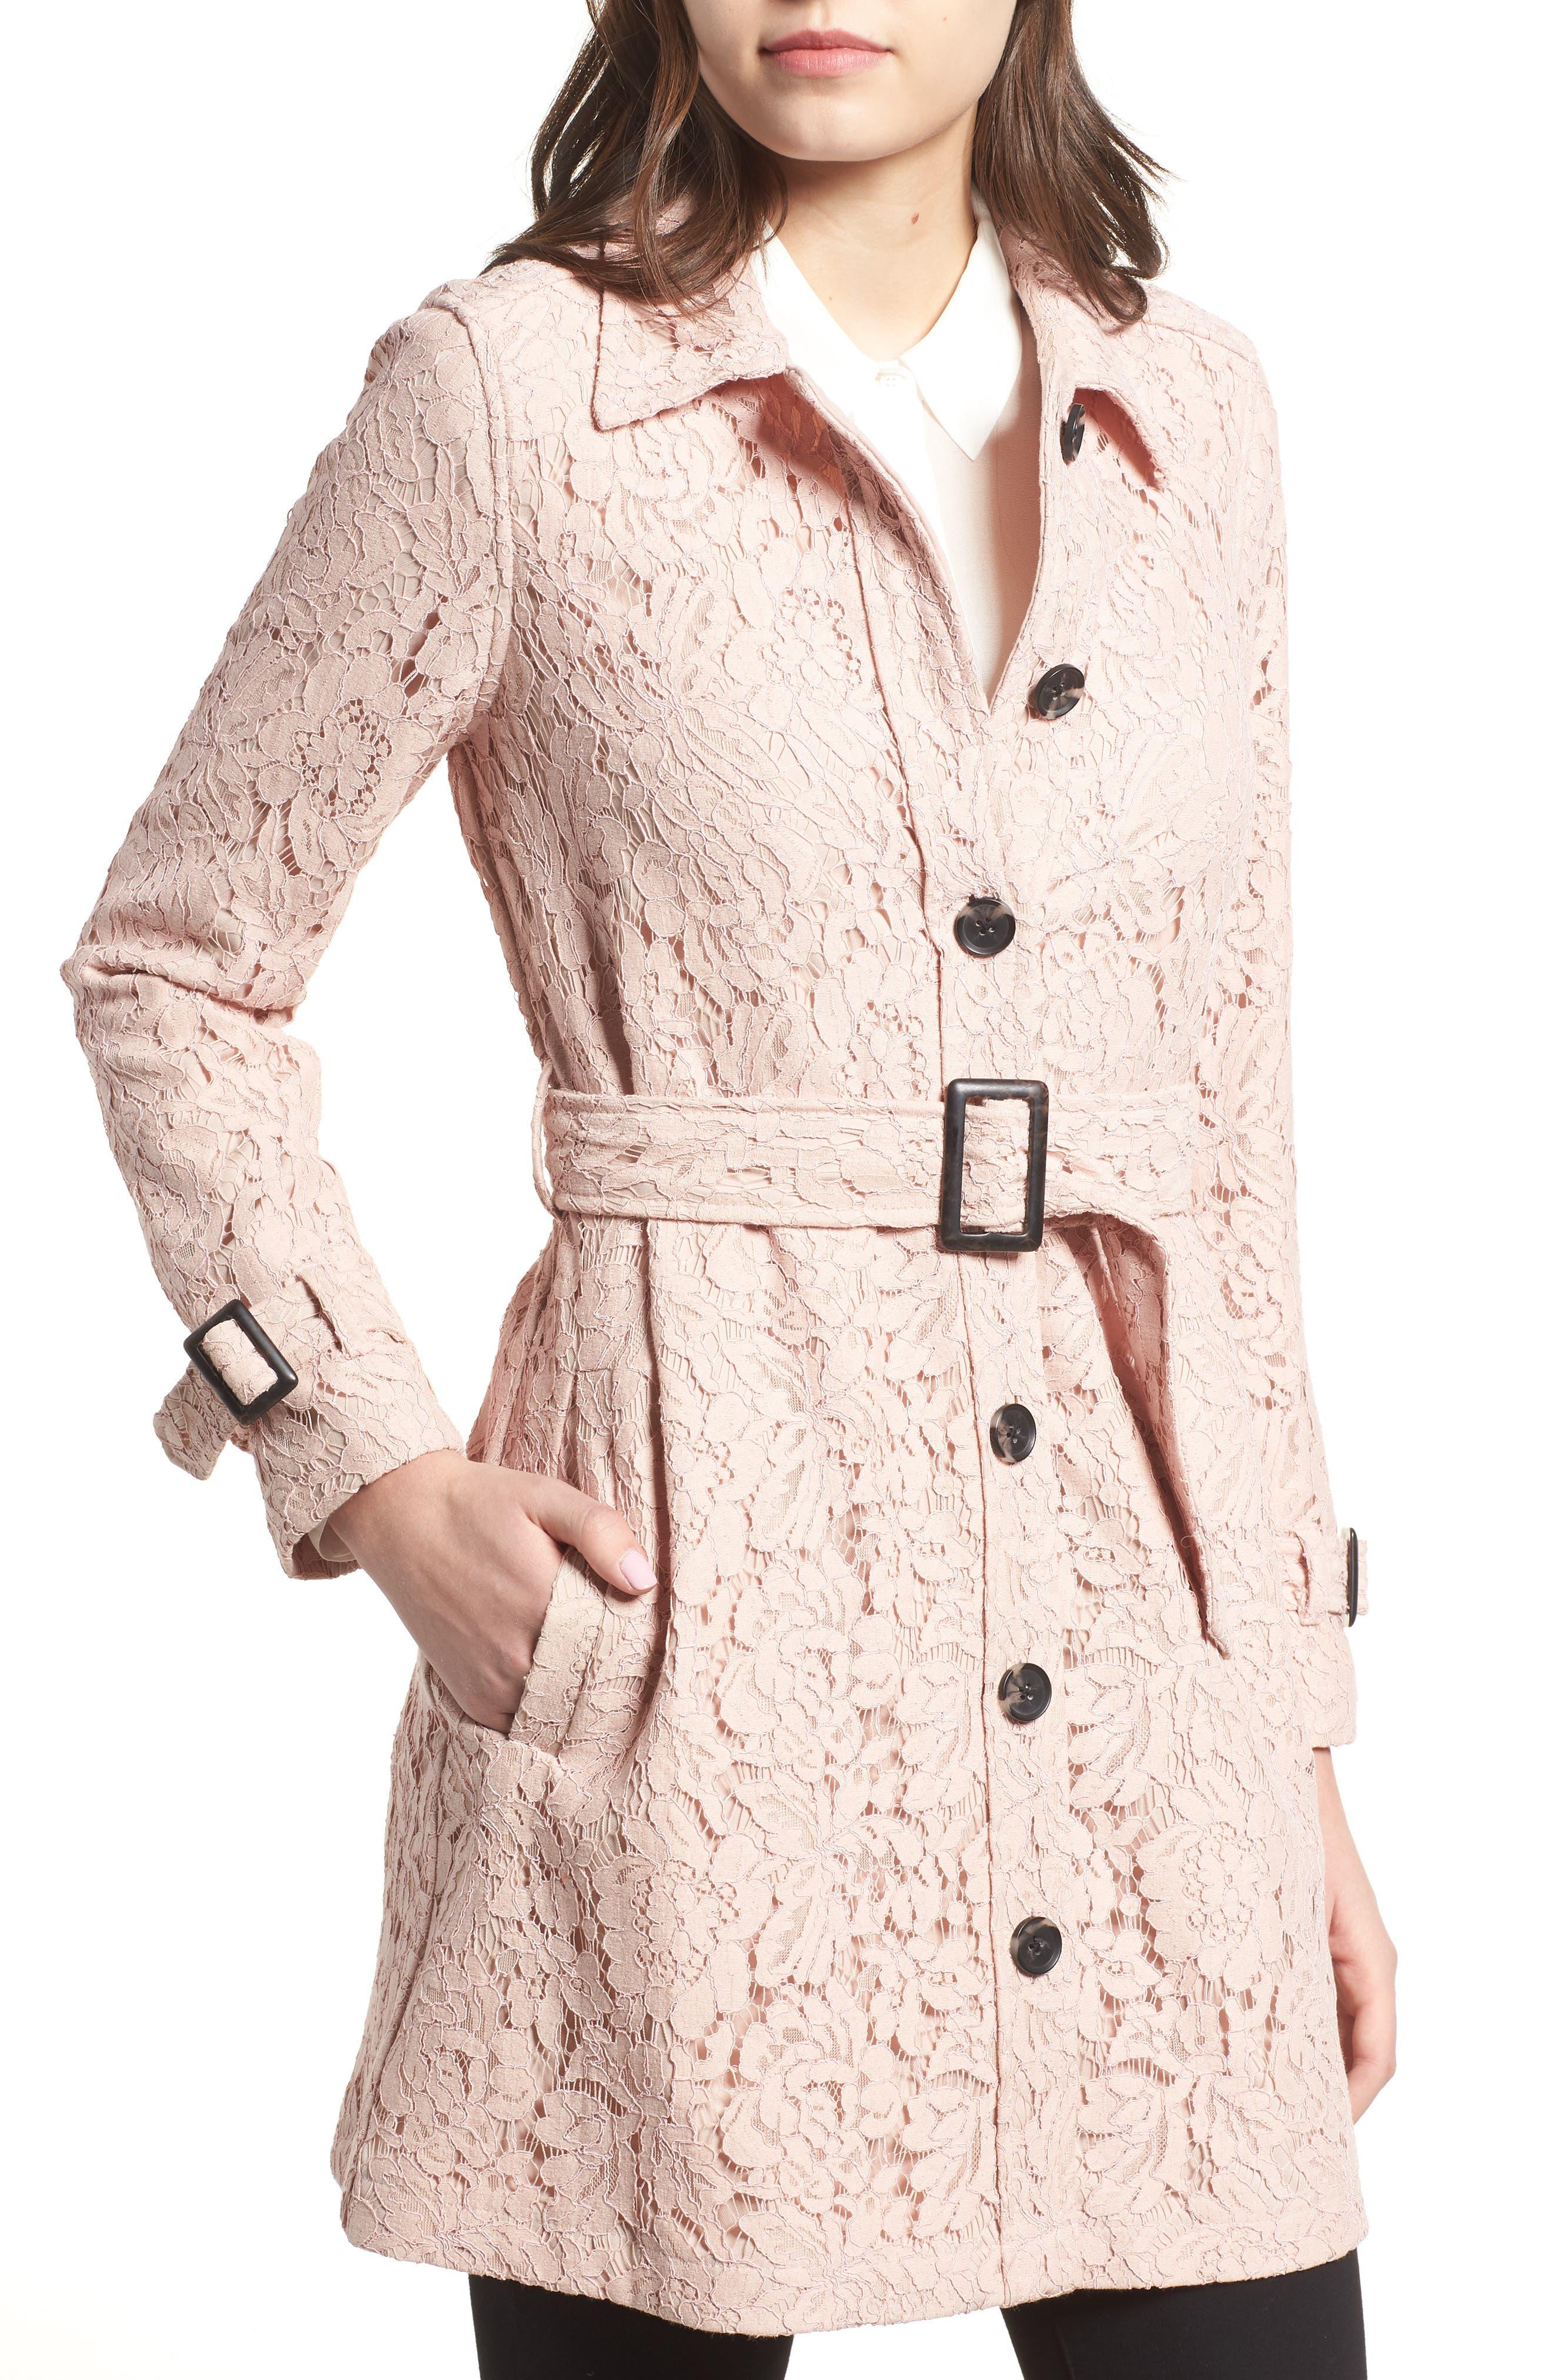 Auretta Lace Trench Coat,                             Alternate thumbnail 4, color,                             Pale Pink